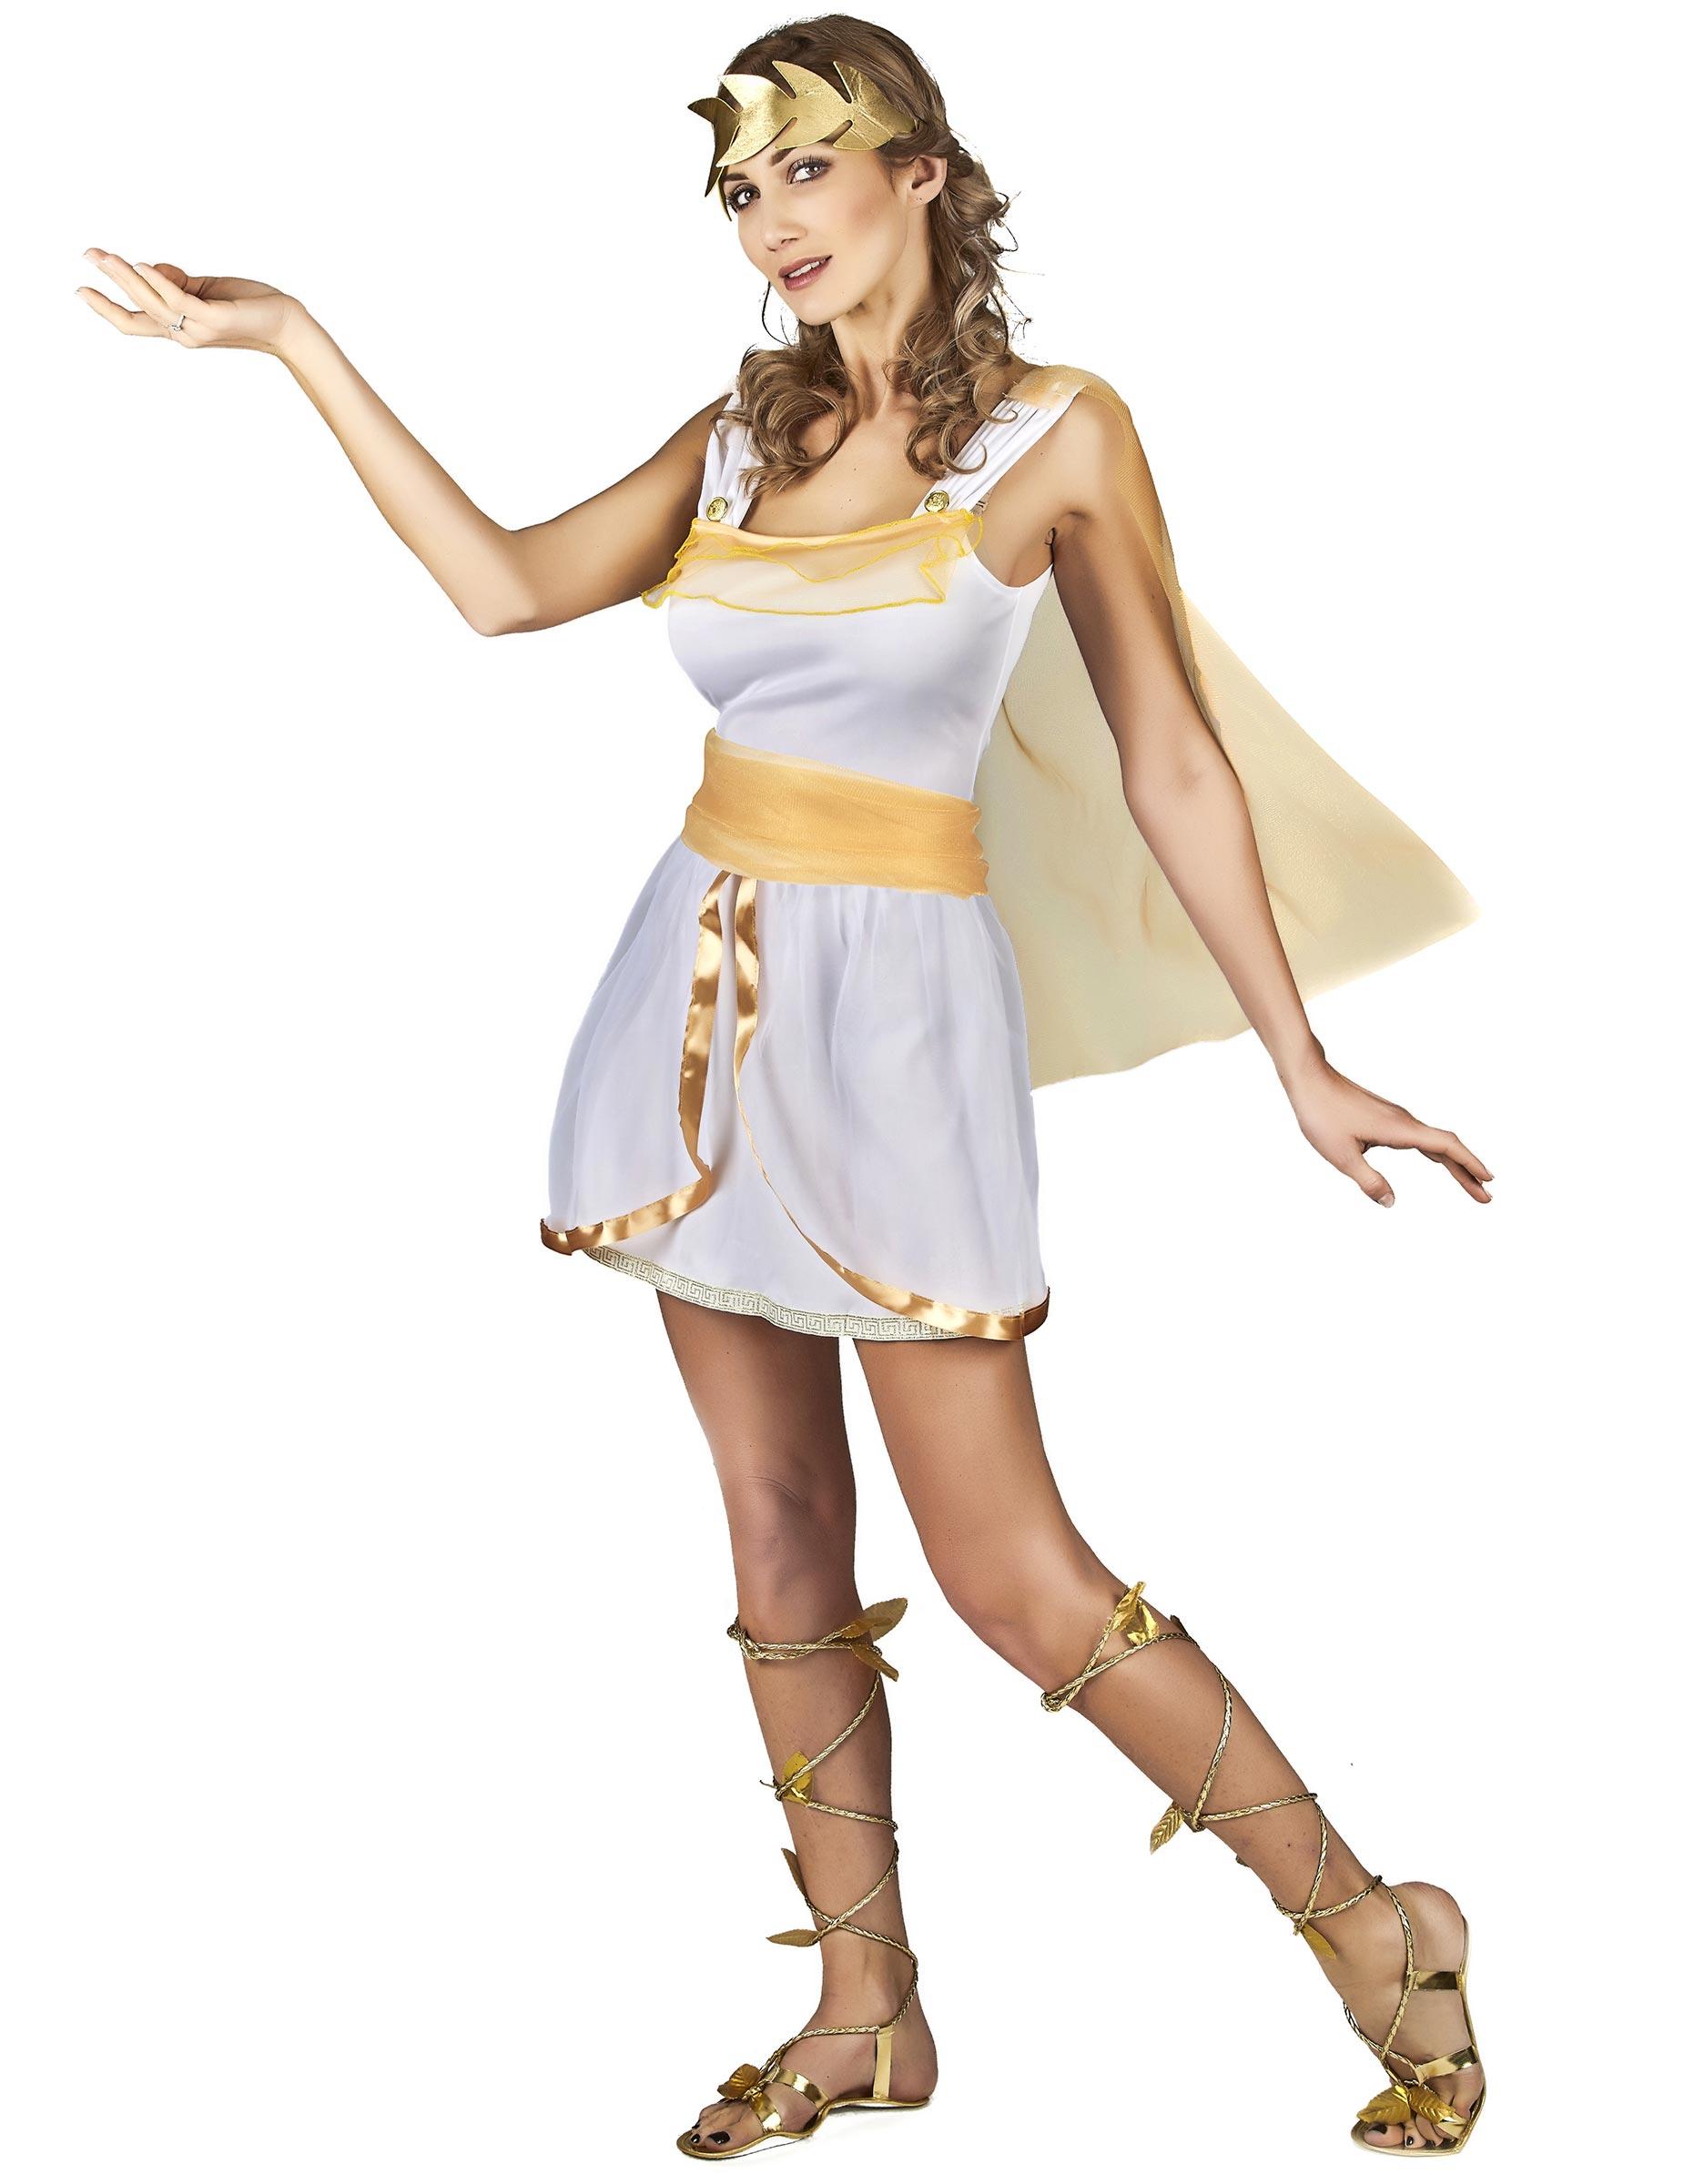 fcc11261a Disfarce deusa grega branco e dourado mulher: Disfarces Adultos ...